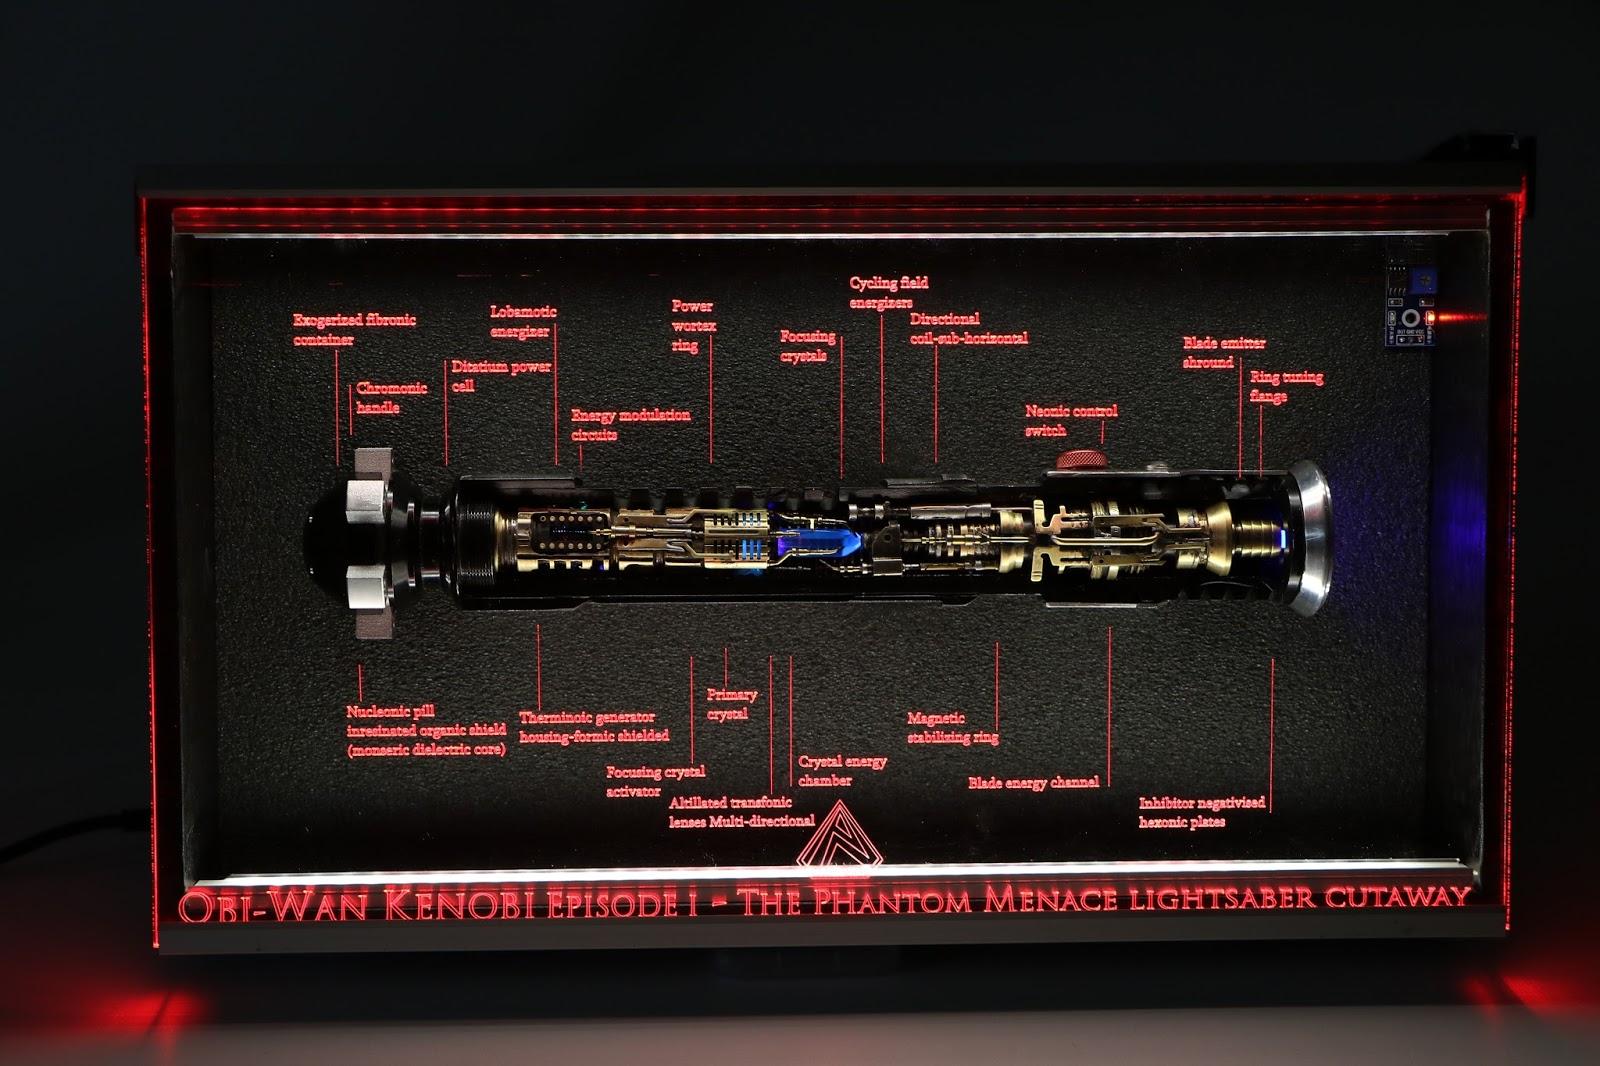 Obi-Wan Kenobi E.1 Cutaway